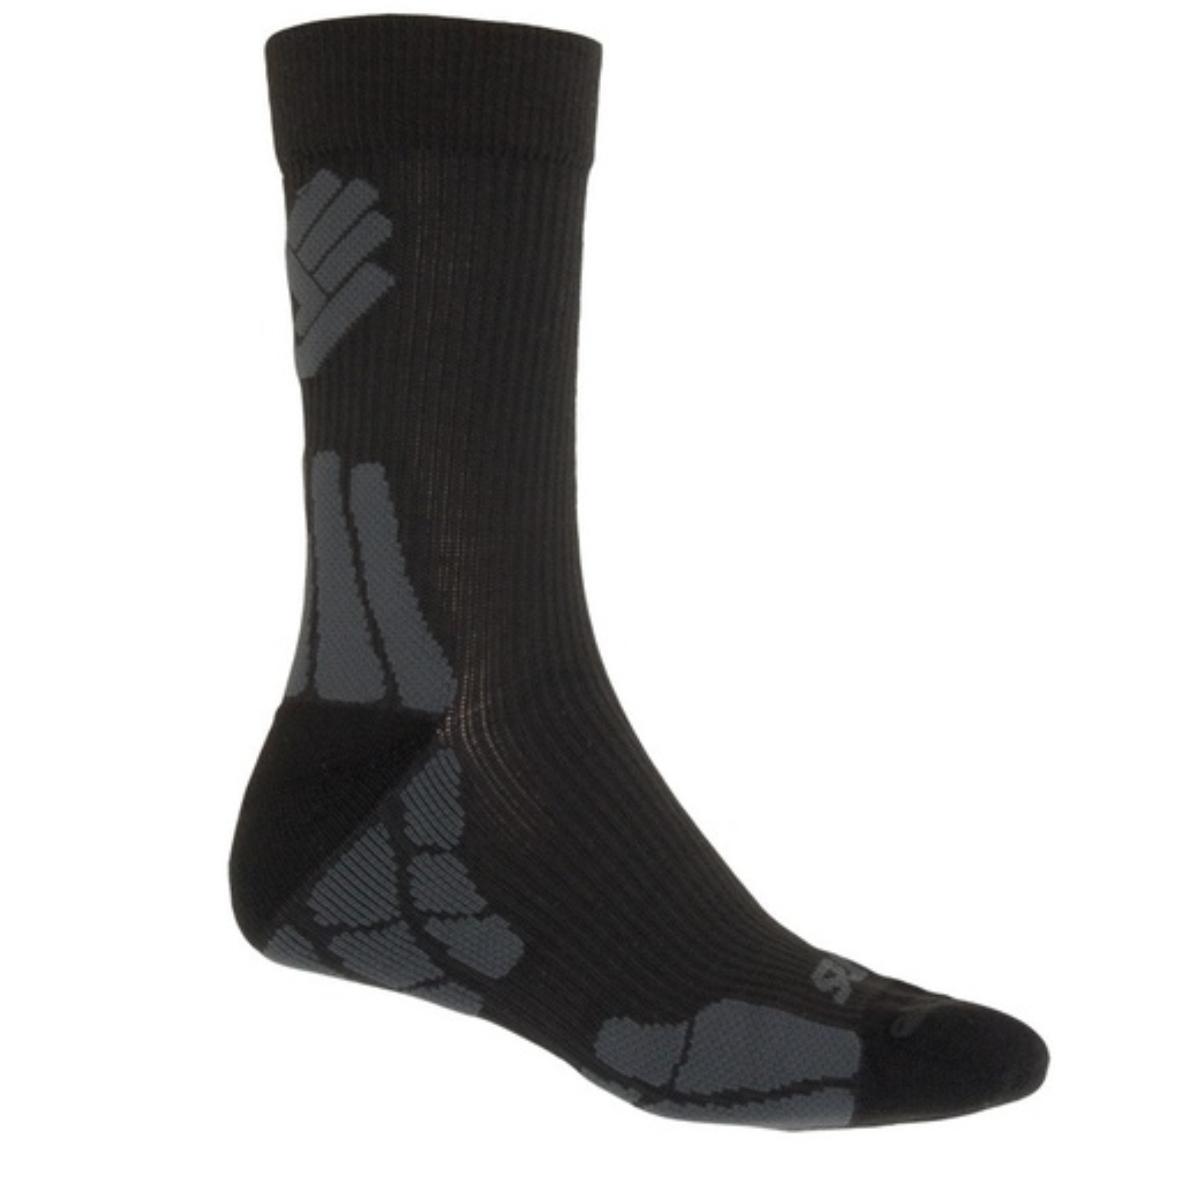 Ponožky SENSOR Merino Wool Hiking 9-11 černo-šedé